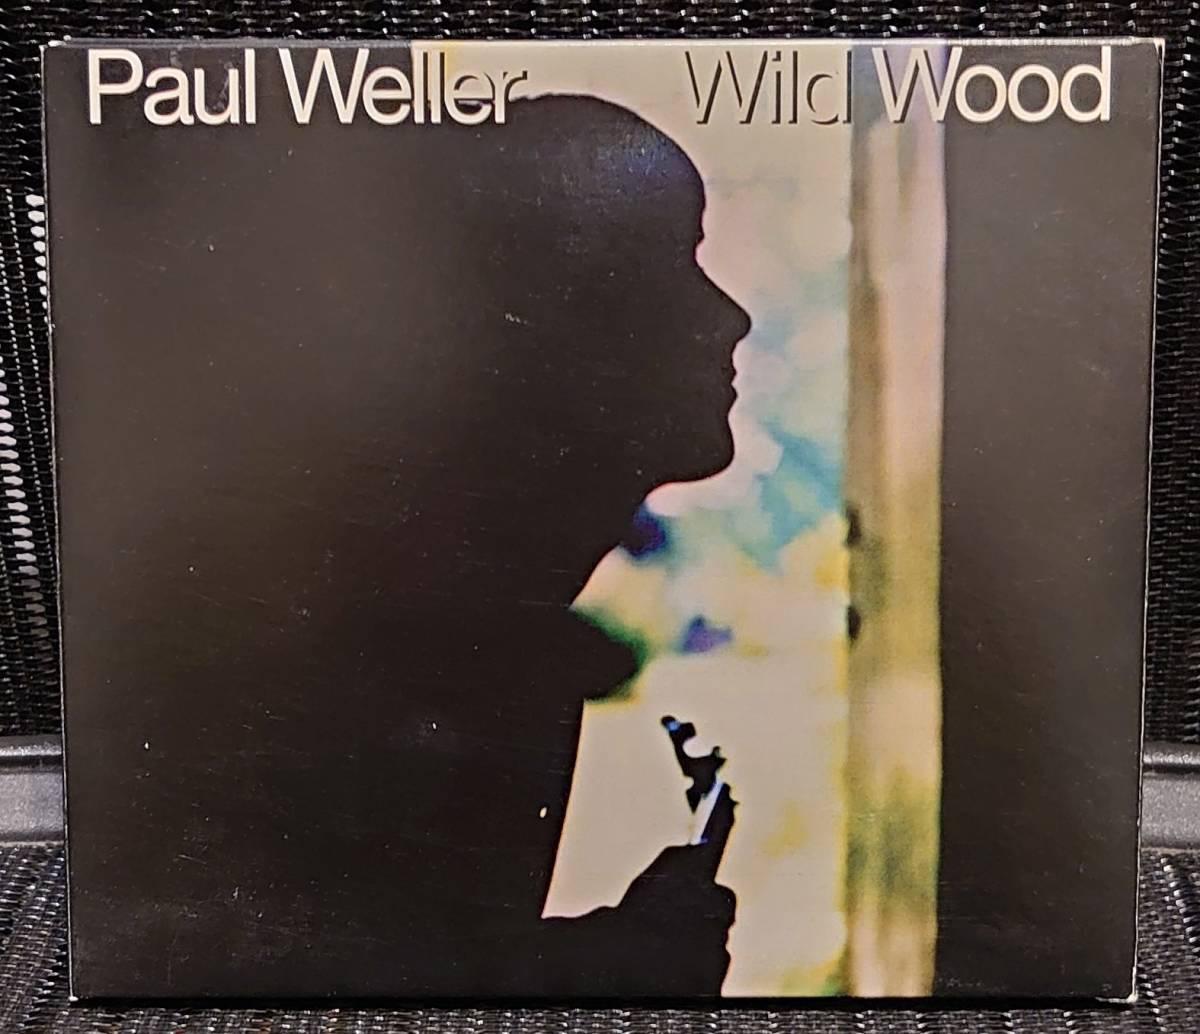 CD『ワイルド・ウッド/ポール・ウェラー』「Wild Wood / Paul Weller」帯付き